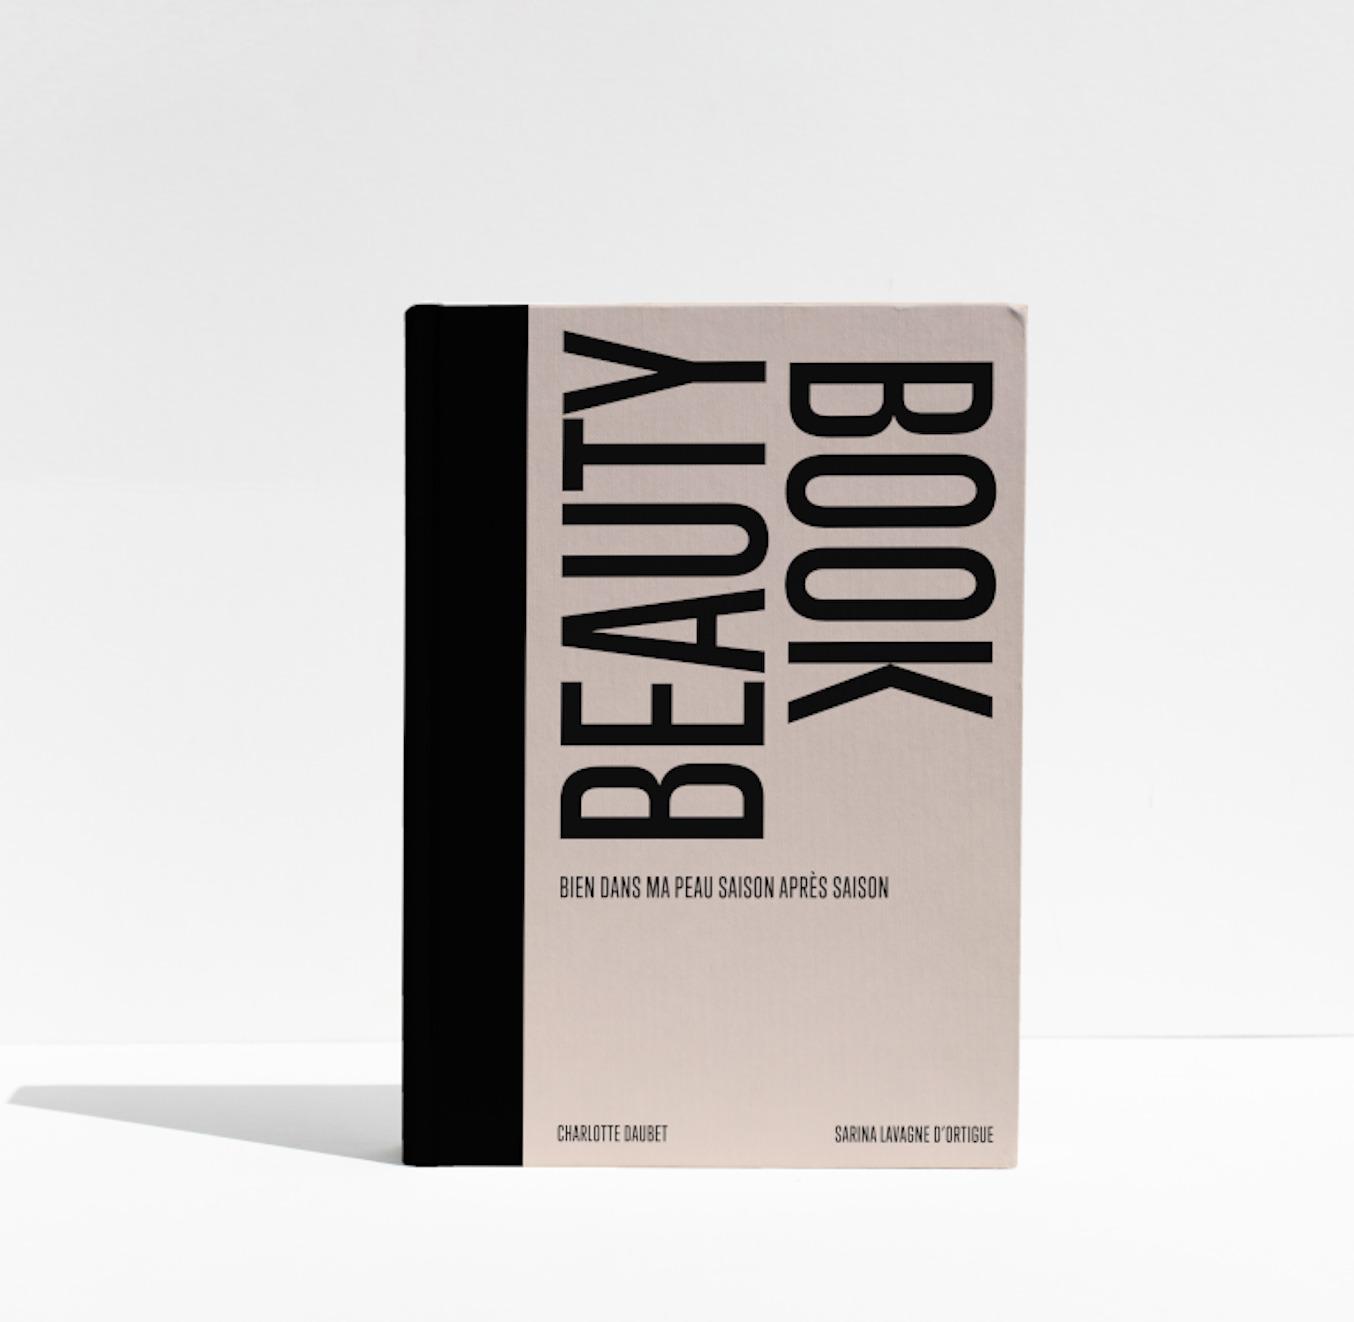 3 livres sur la beauté de la peau qui m'ont aidée à mieux comprendre la mienne